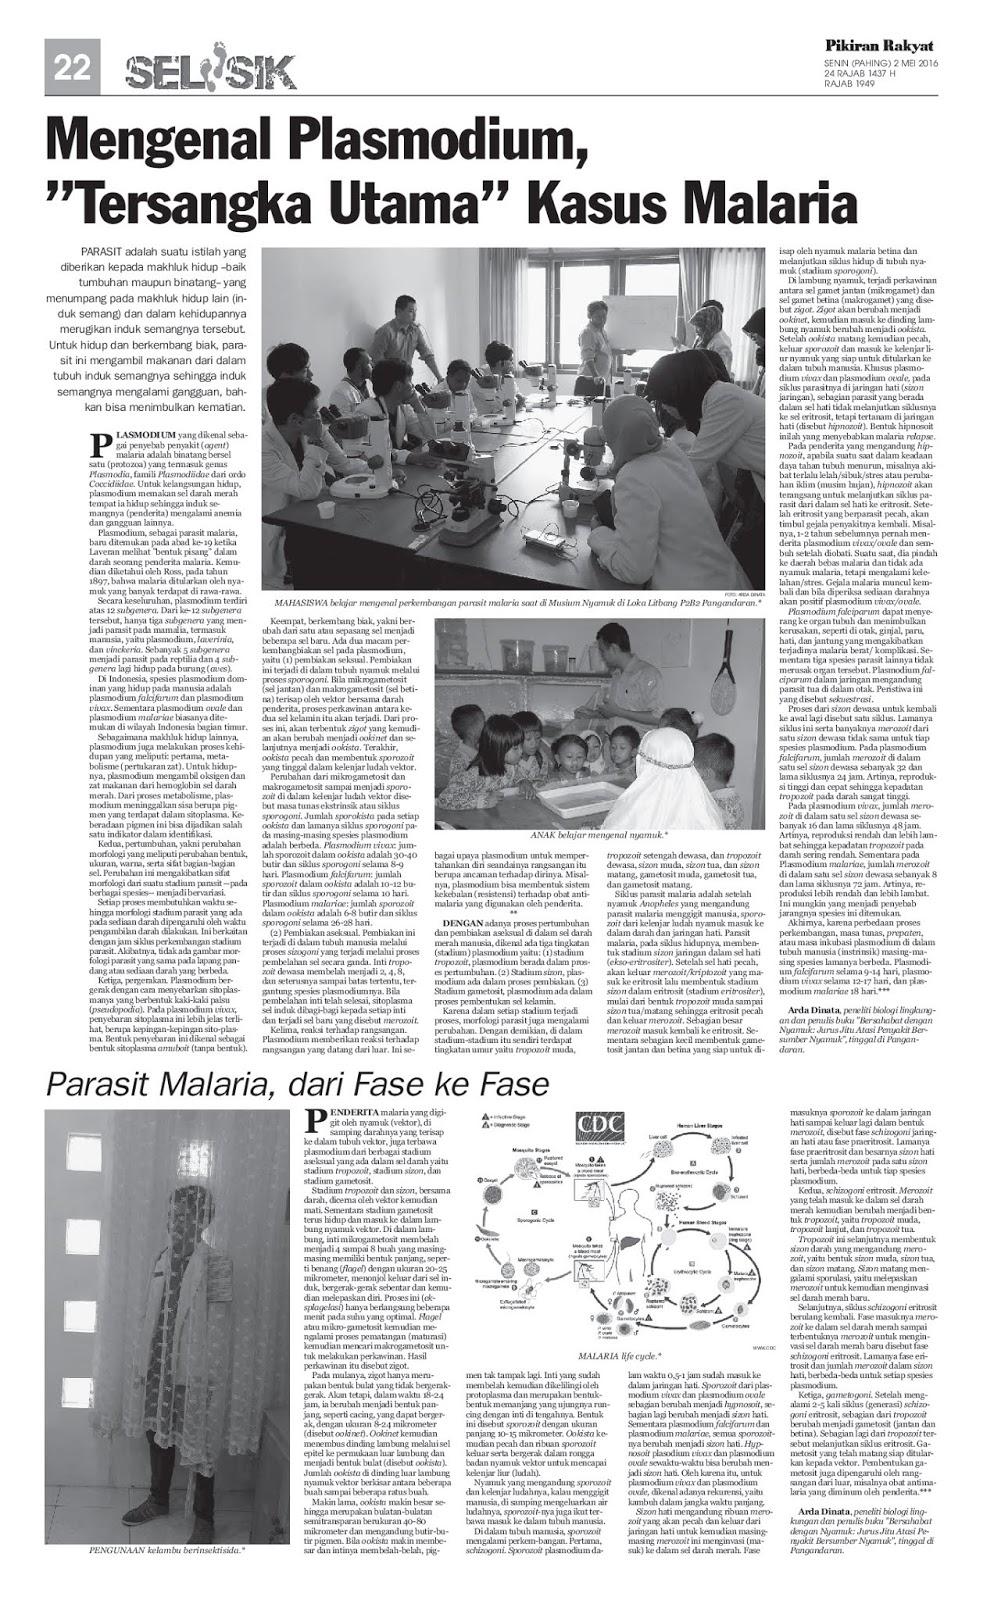 """Mengenal Plasmodium, """"Tersangka Utama"""" Kasus Malaria & Parasit Malaria, dari Fase ke Fase"""